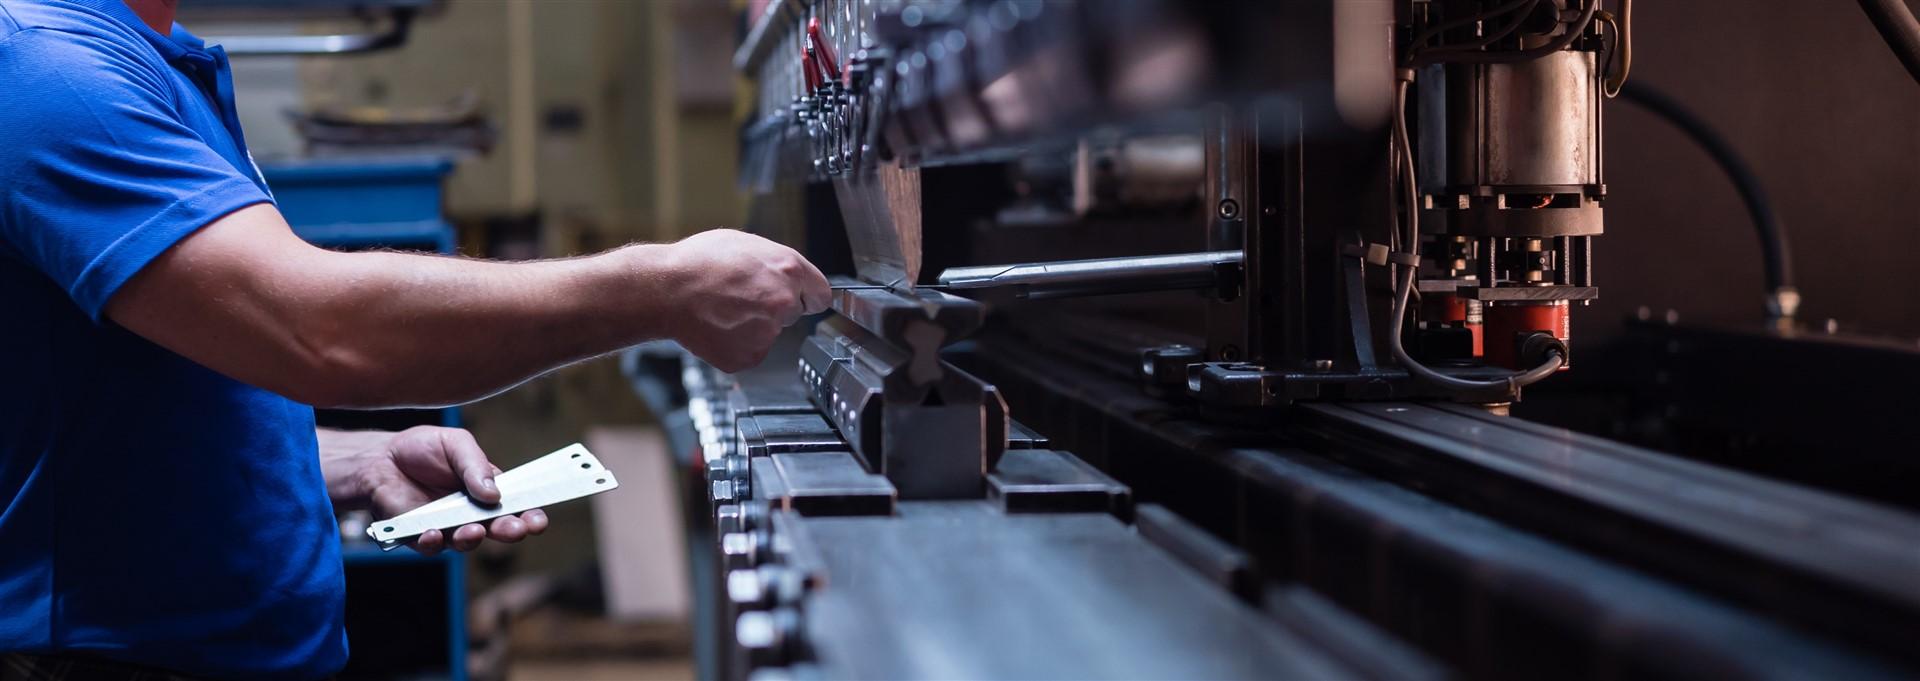 Agencia aduanal de la industria de la Manufactura, transformación e industrial